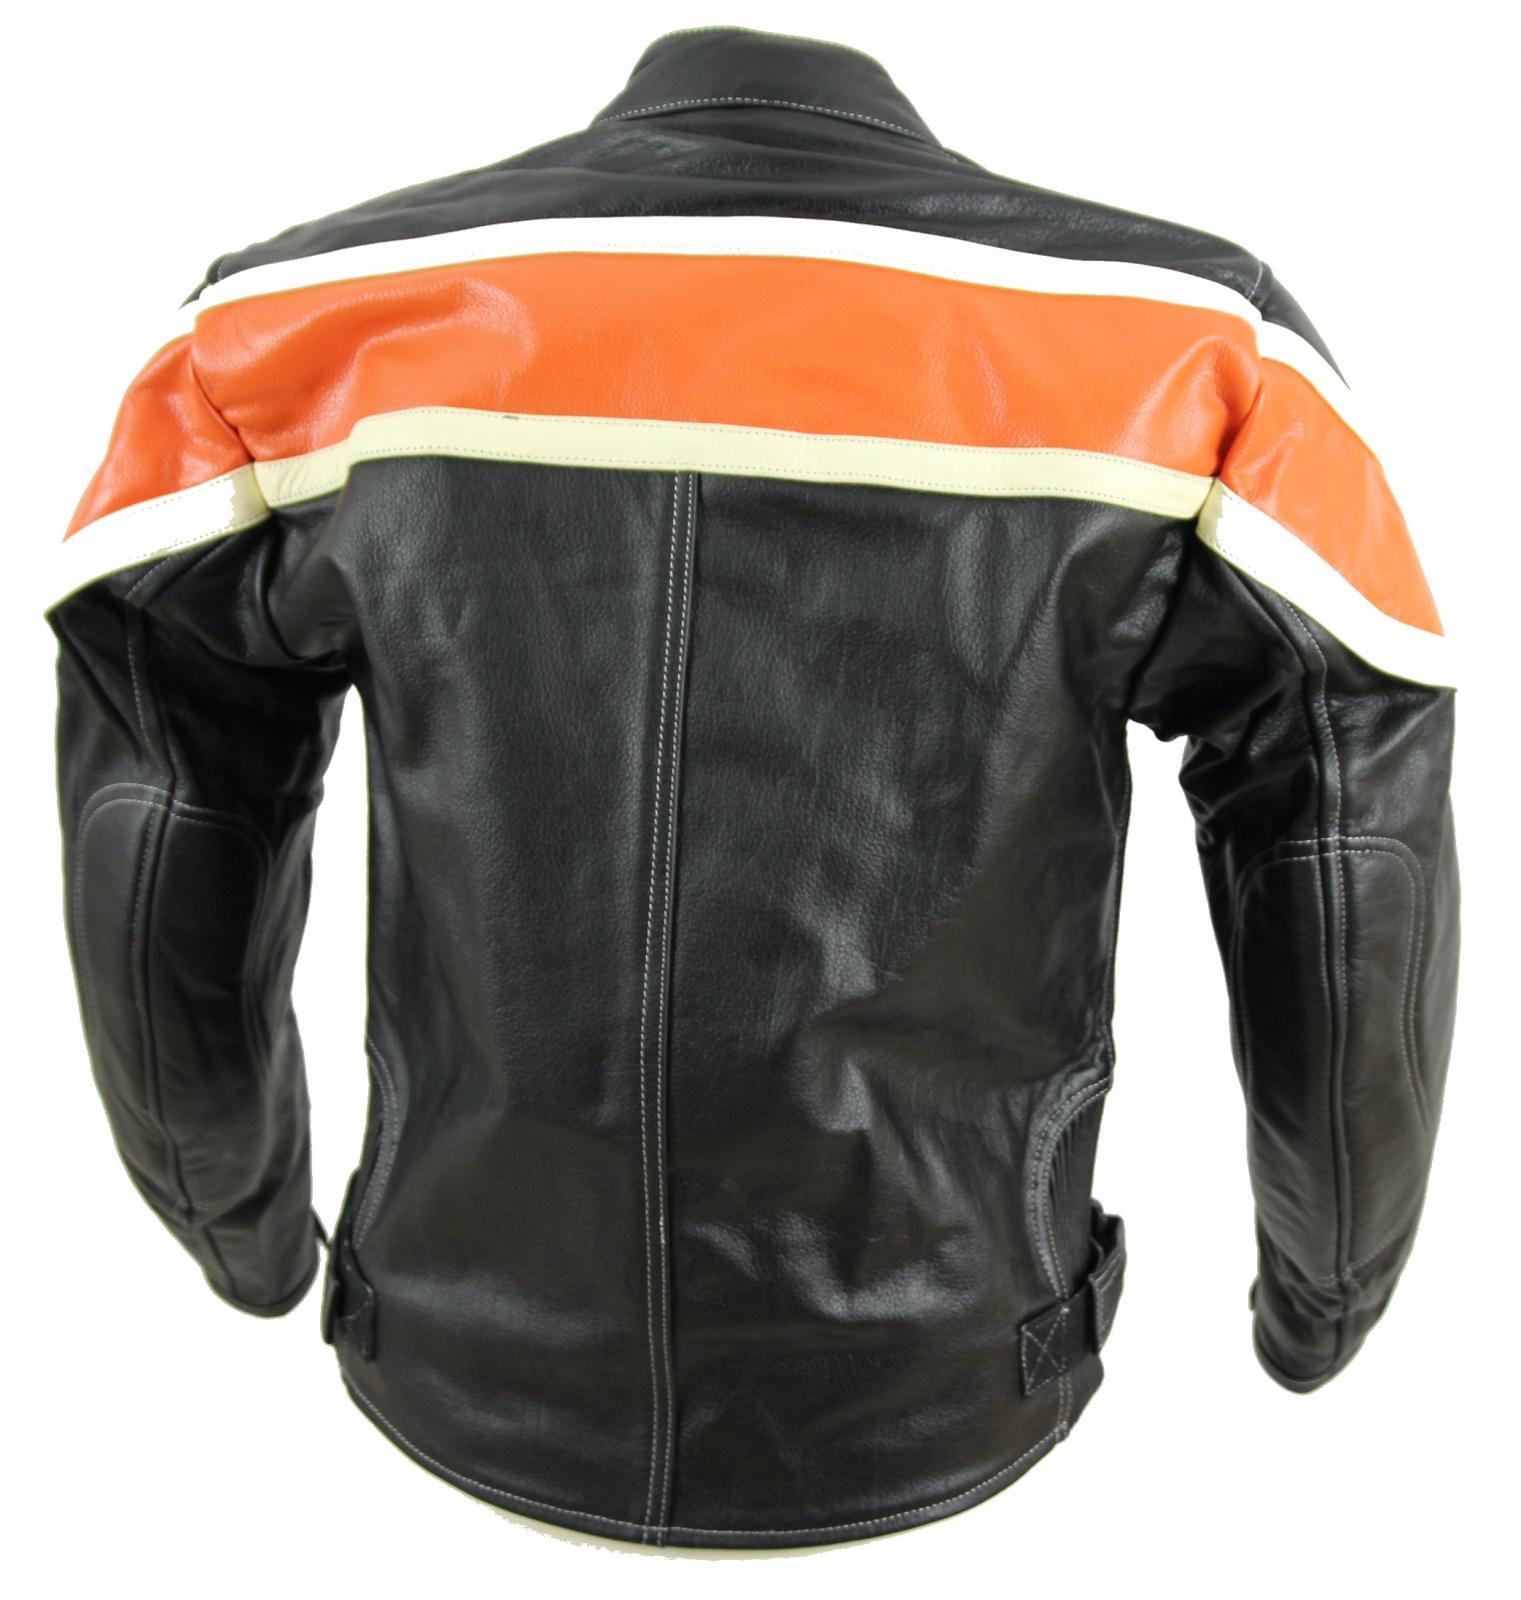 kc011 blouson moto chopper karno motorsport cuir noir orange biker usa style ebay. Black Bedroom Furniture Sets. Home Design Ideas